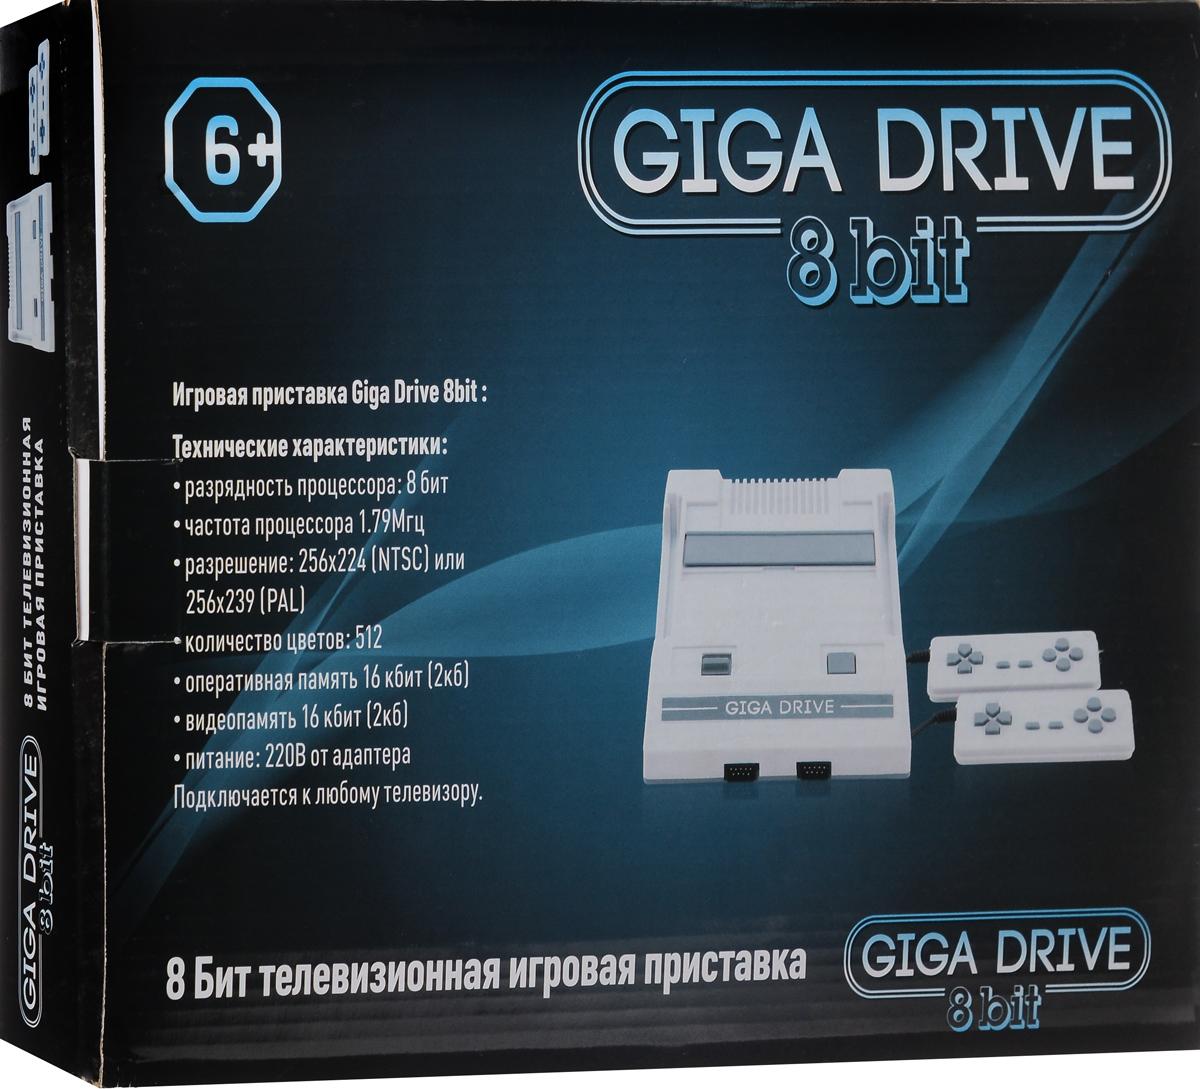 Игровая приставка Giga Drive 8 bit 999999 игрGigadrive 8Giga Drive 8 bit - окунитесь в волшебный мир самых культовых видеоигр! Giga Drive 8 bit - это простая в подключении и надежная в работе игровая приставка с набором самых популярных видеоигр. В комплекте прилагается 999999 игр. Подключите приставку к телевизору посредством аудио-видео кабеля и наслаждайтесь виртуальными приключениями! При желании коллекцию игр Giga Drive 8 bit легко можно пополнить - приставка совместима со всеми стандартными картриджами 8-Bit! Тип носителя: картридж Процессор: Аналог Ricoh 2A03 на ядре 6502, 8-битный, 1,77 МГц Разъемы: AV-выход Подключение: RCA